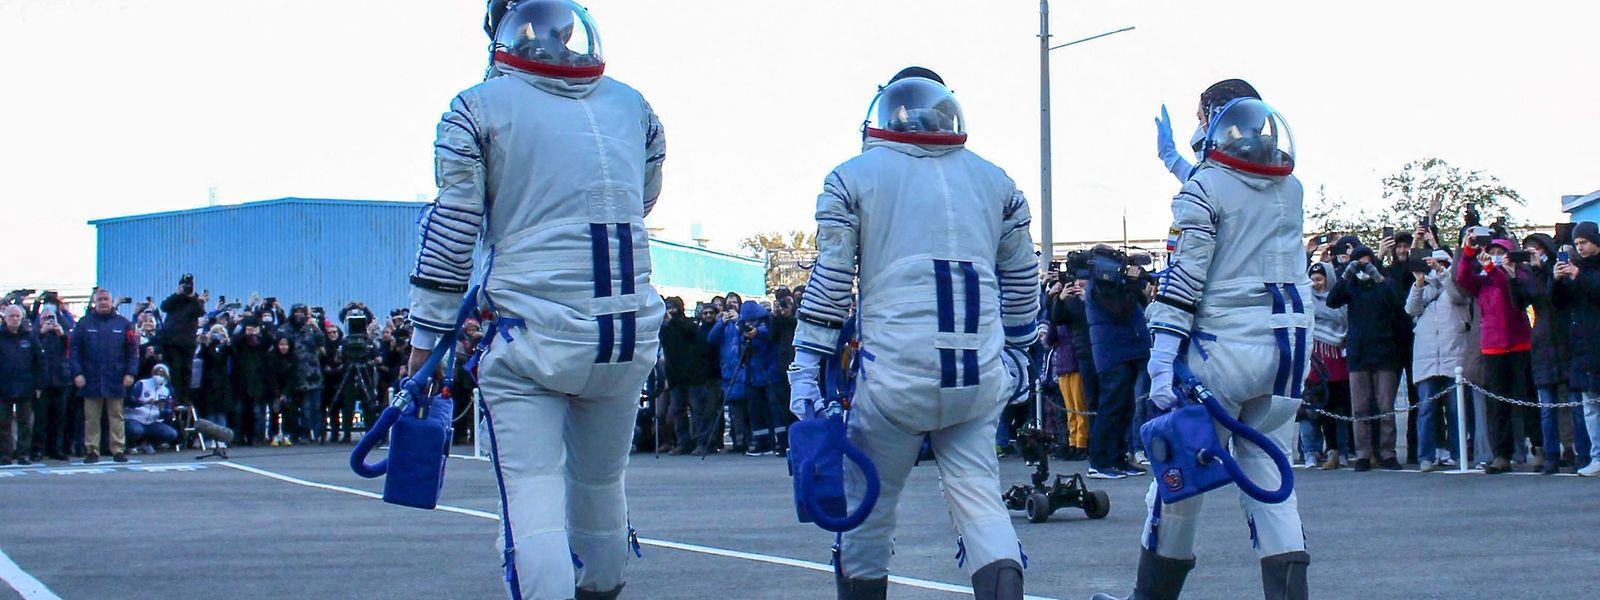 Avant de partir, comédienne et réalisateur ont subi tests et entraînements pour être aptes à vivre dans l'ISS.